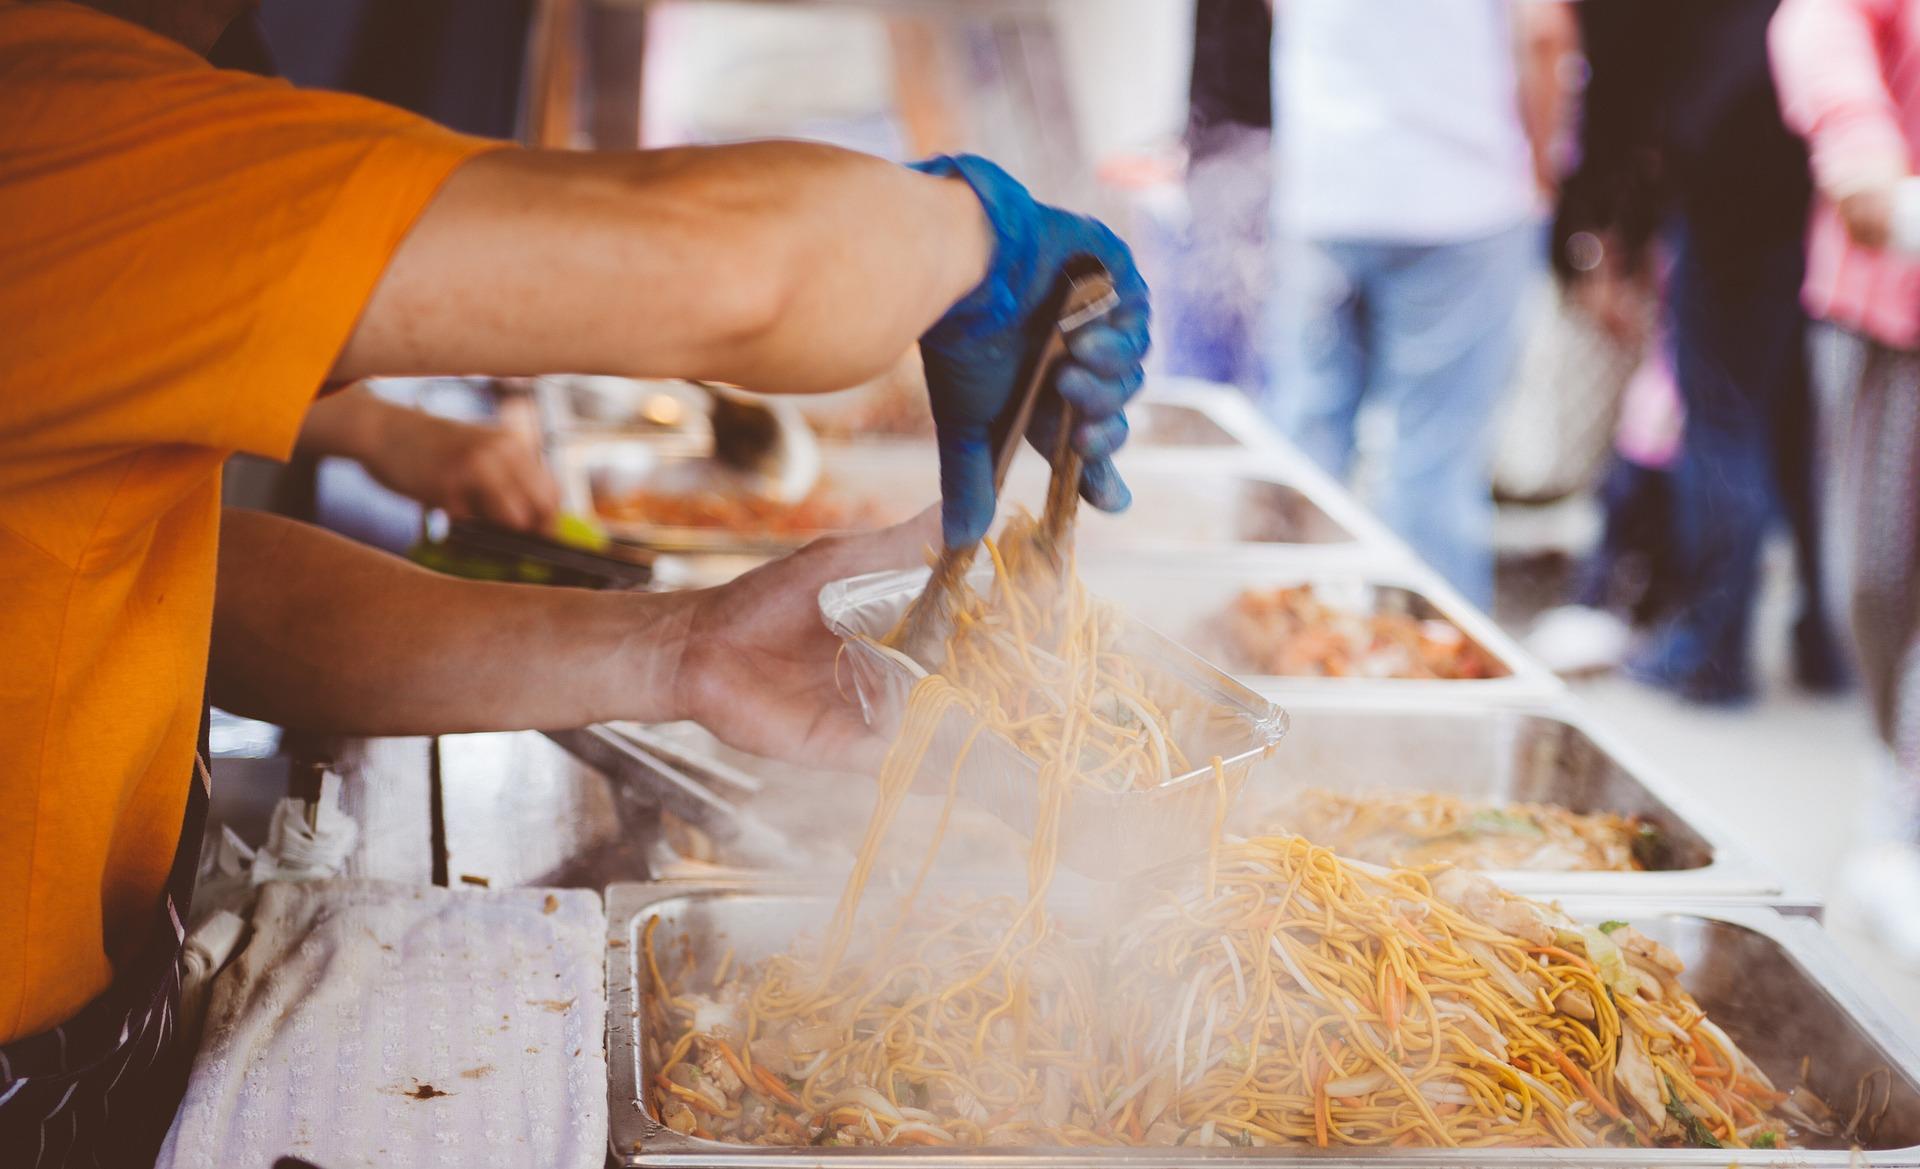 Manos de una persona sirviendo comida